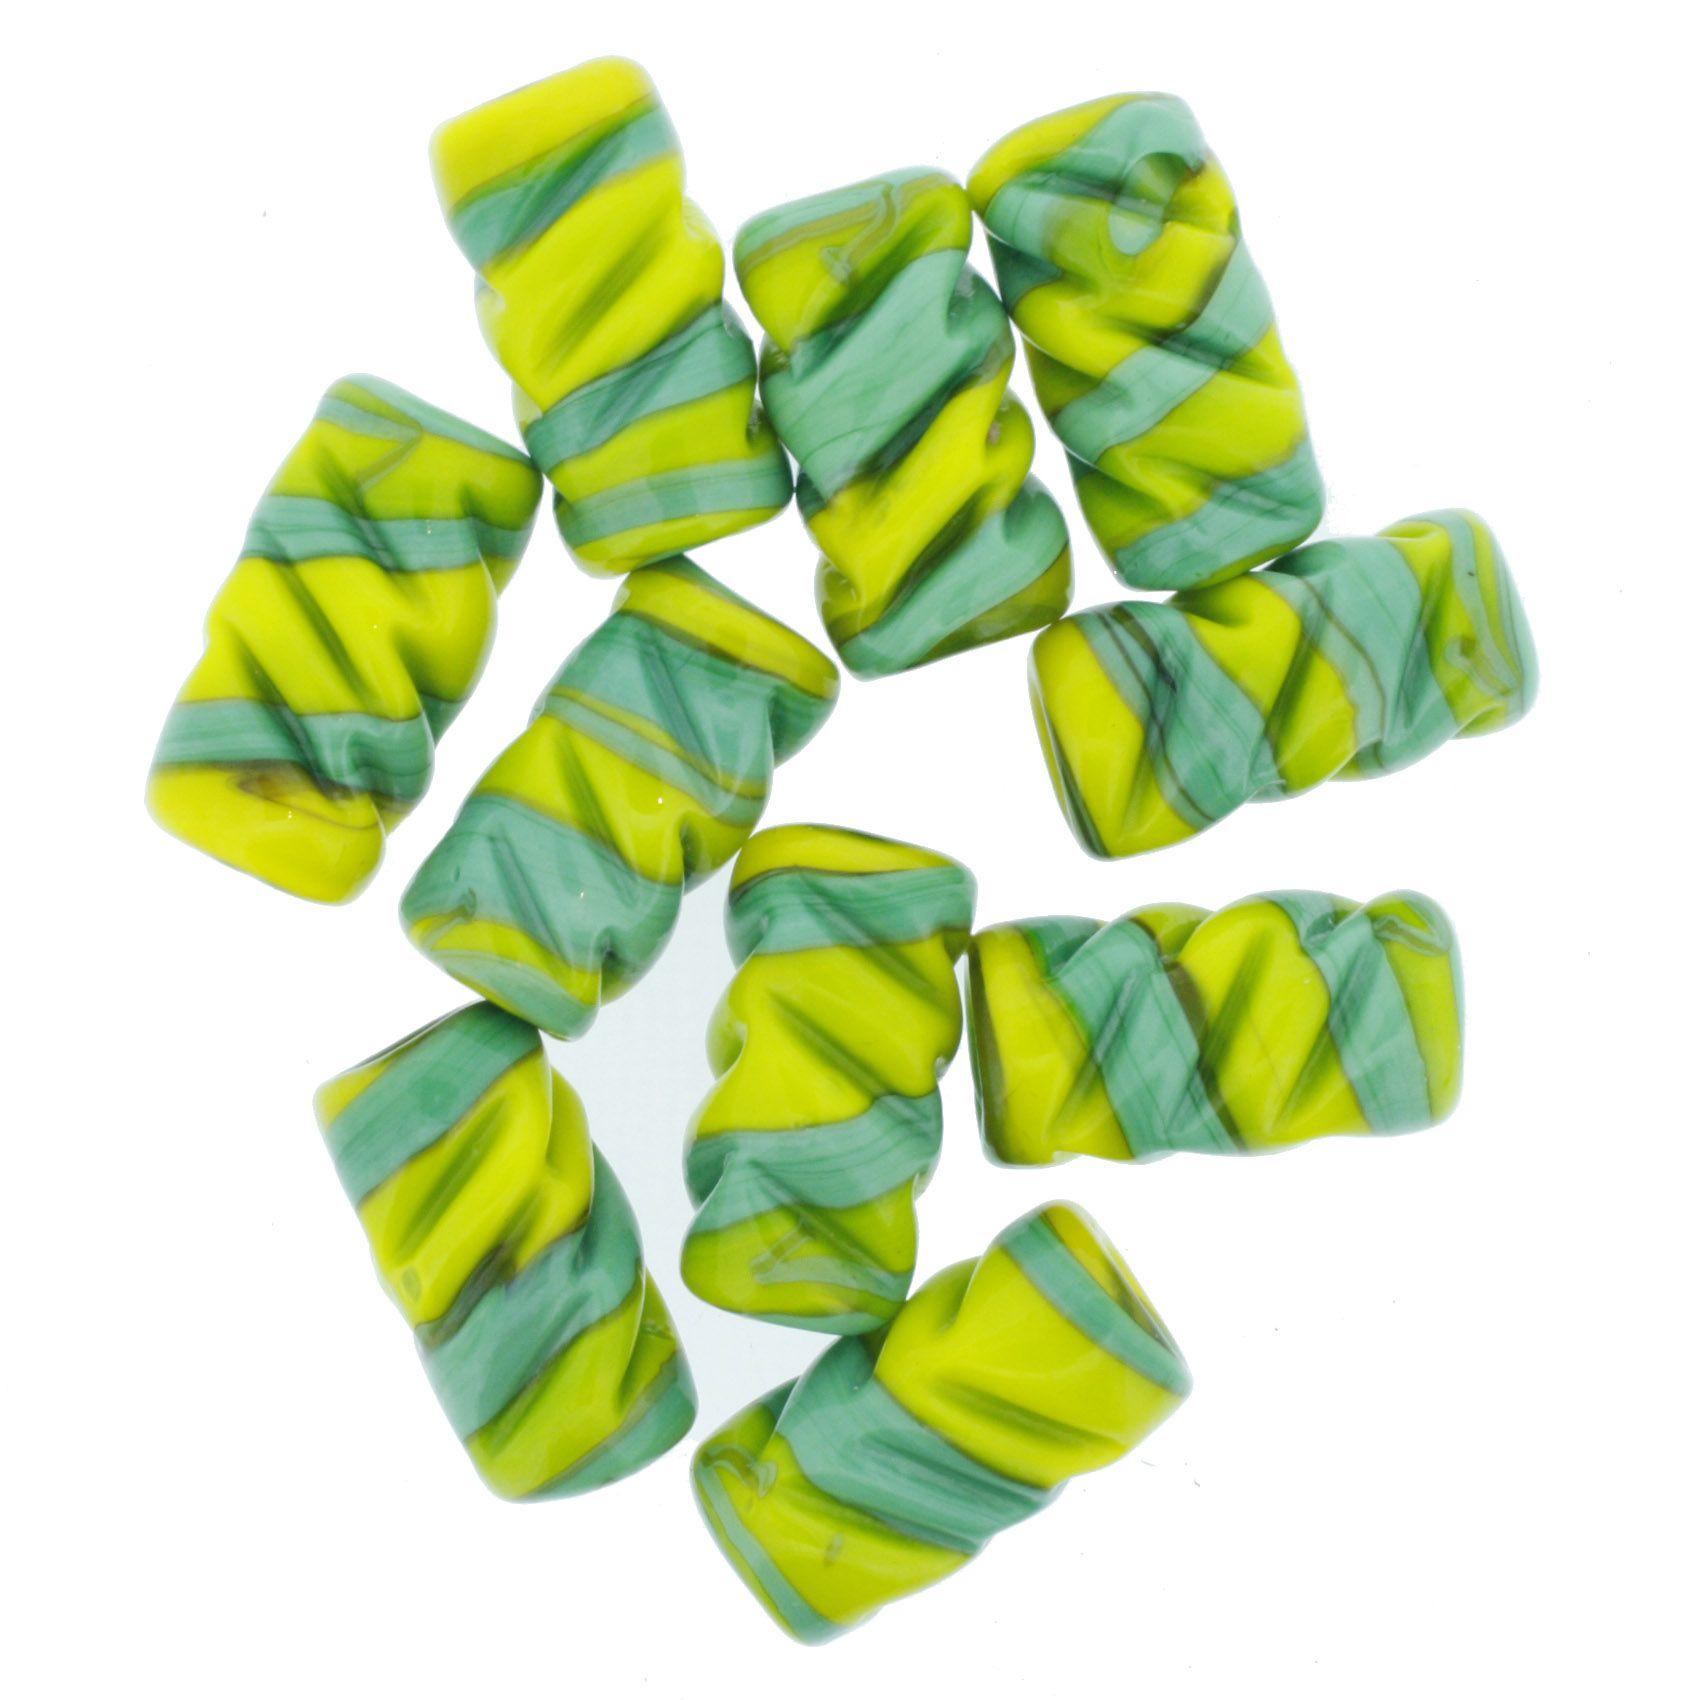 Firma Frisada - Verde e Amarela  - Stéphanie Bijoux® - Peças para Bijuterias e Artesanato